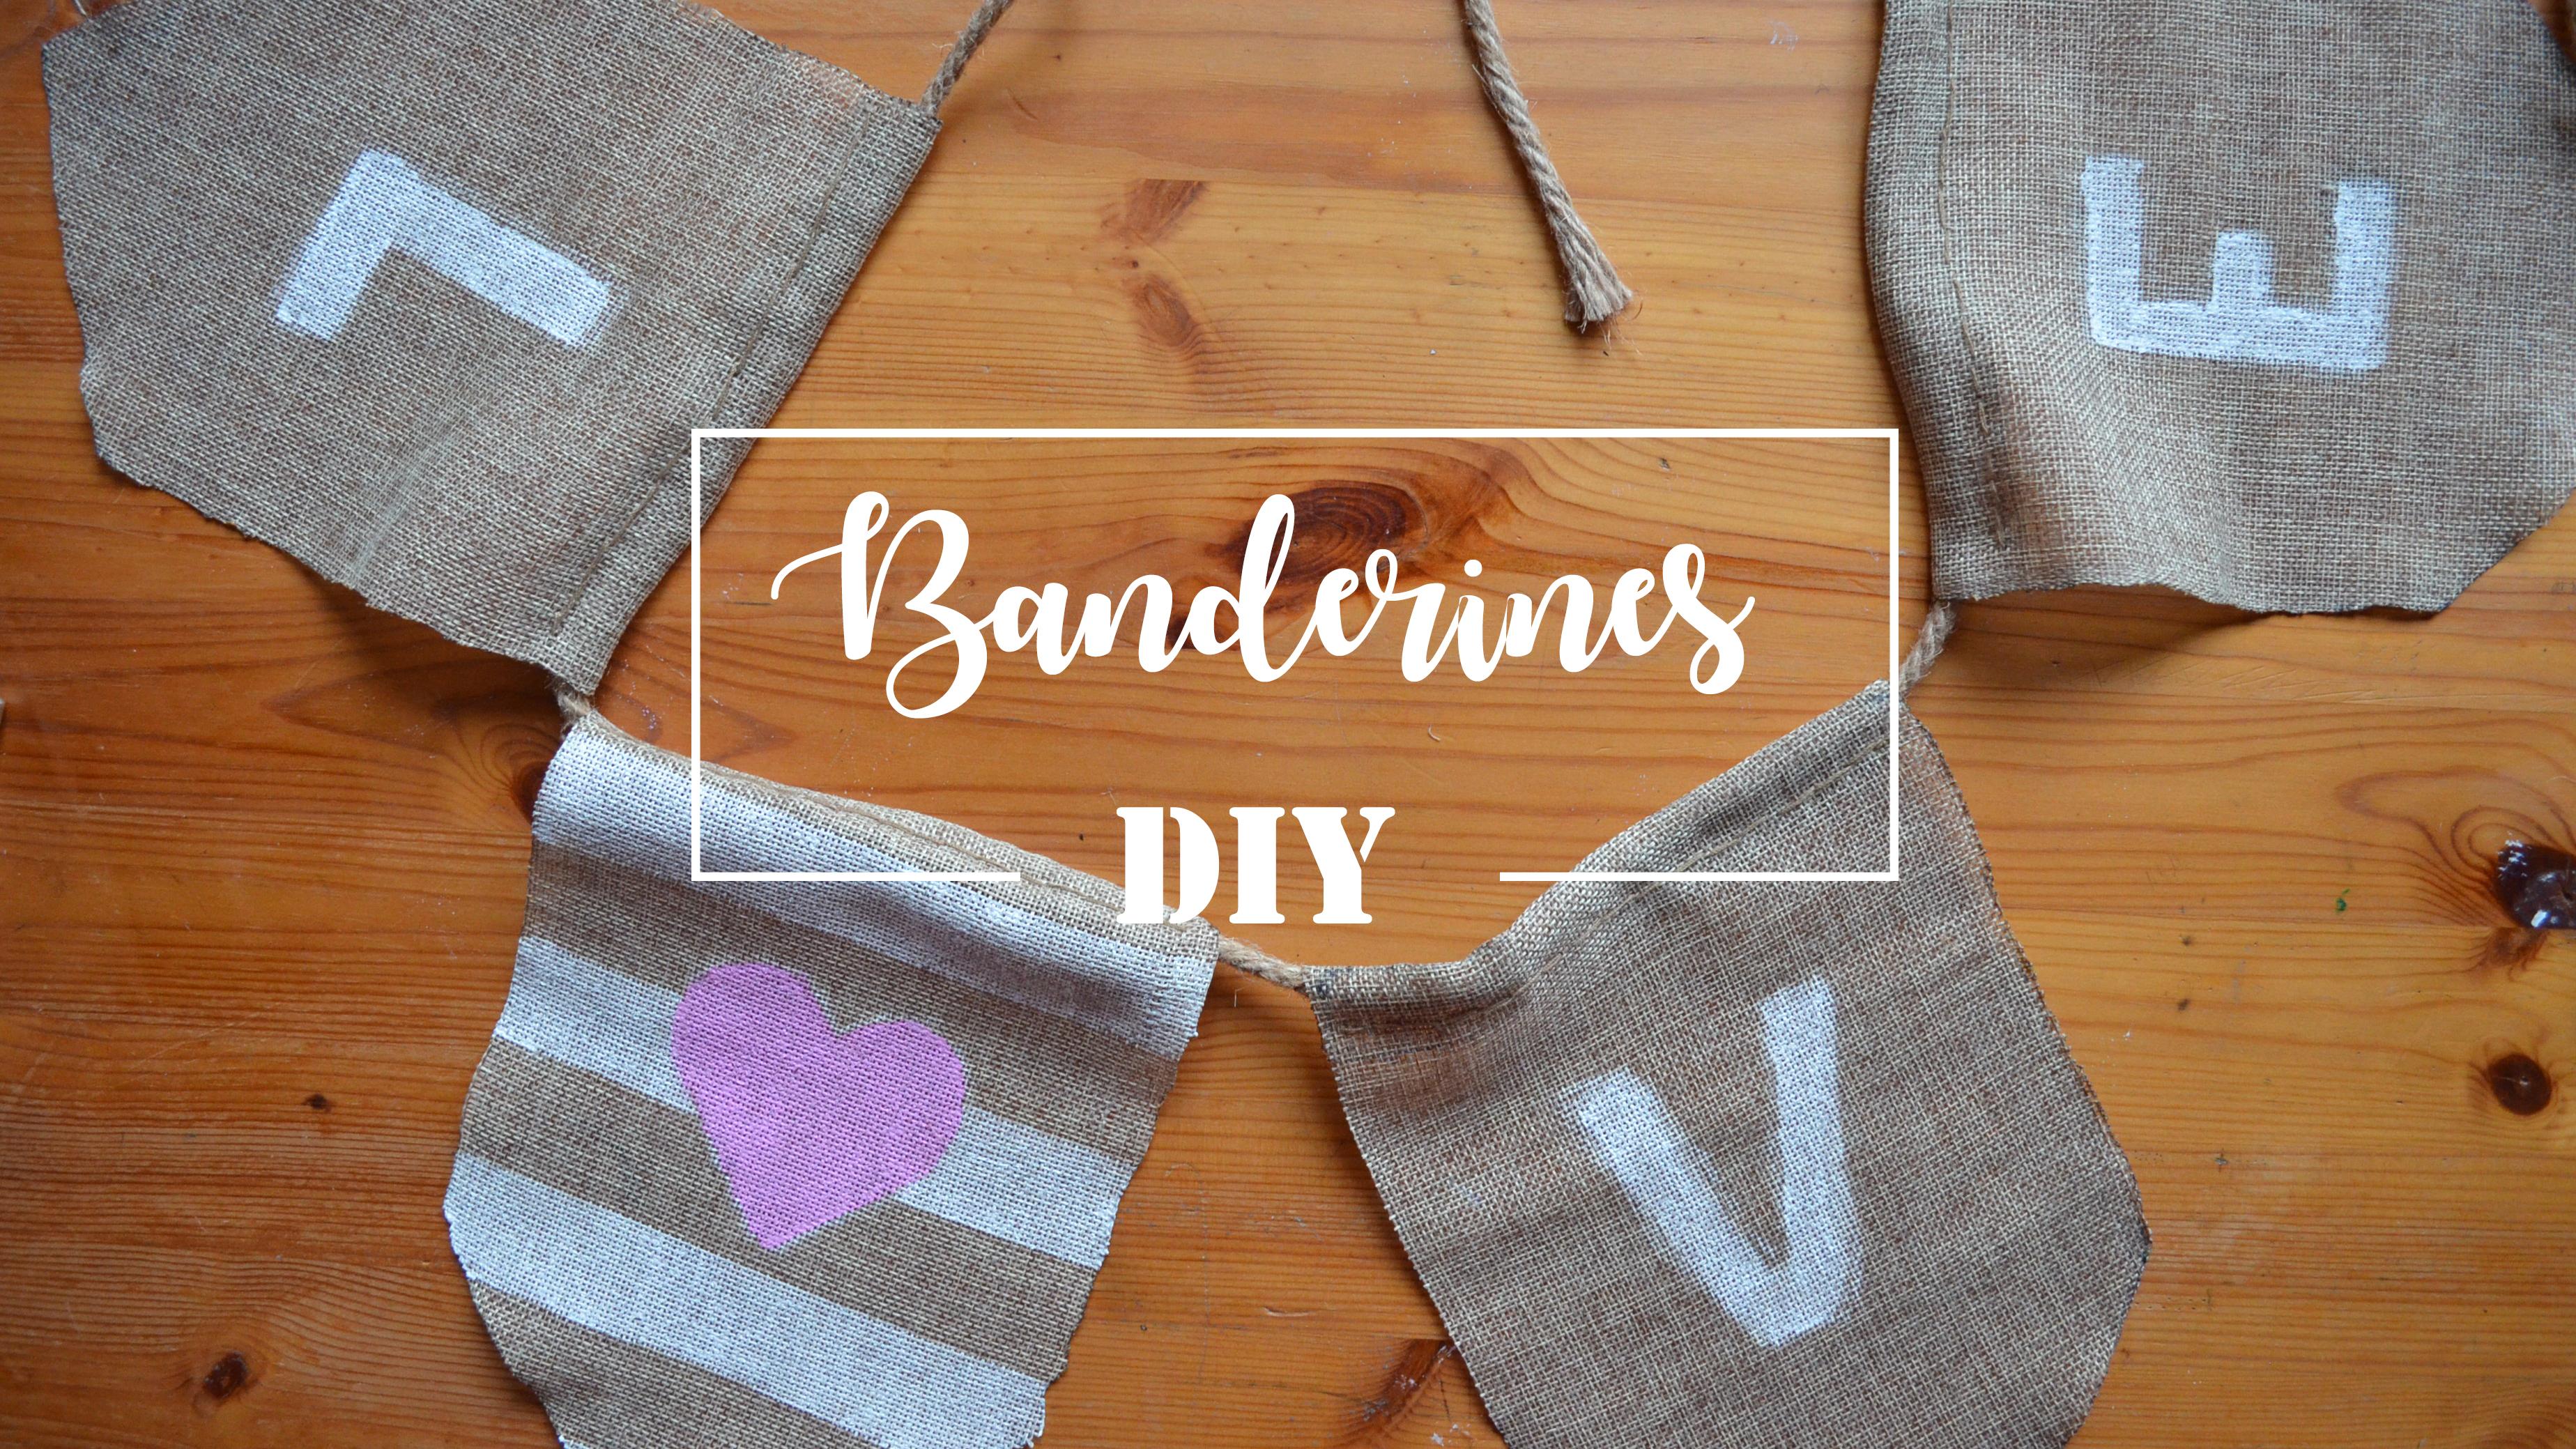 Banderines decorativos – DIY